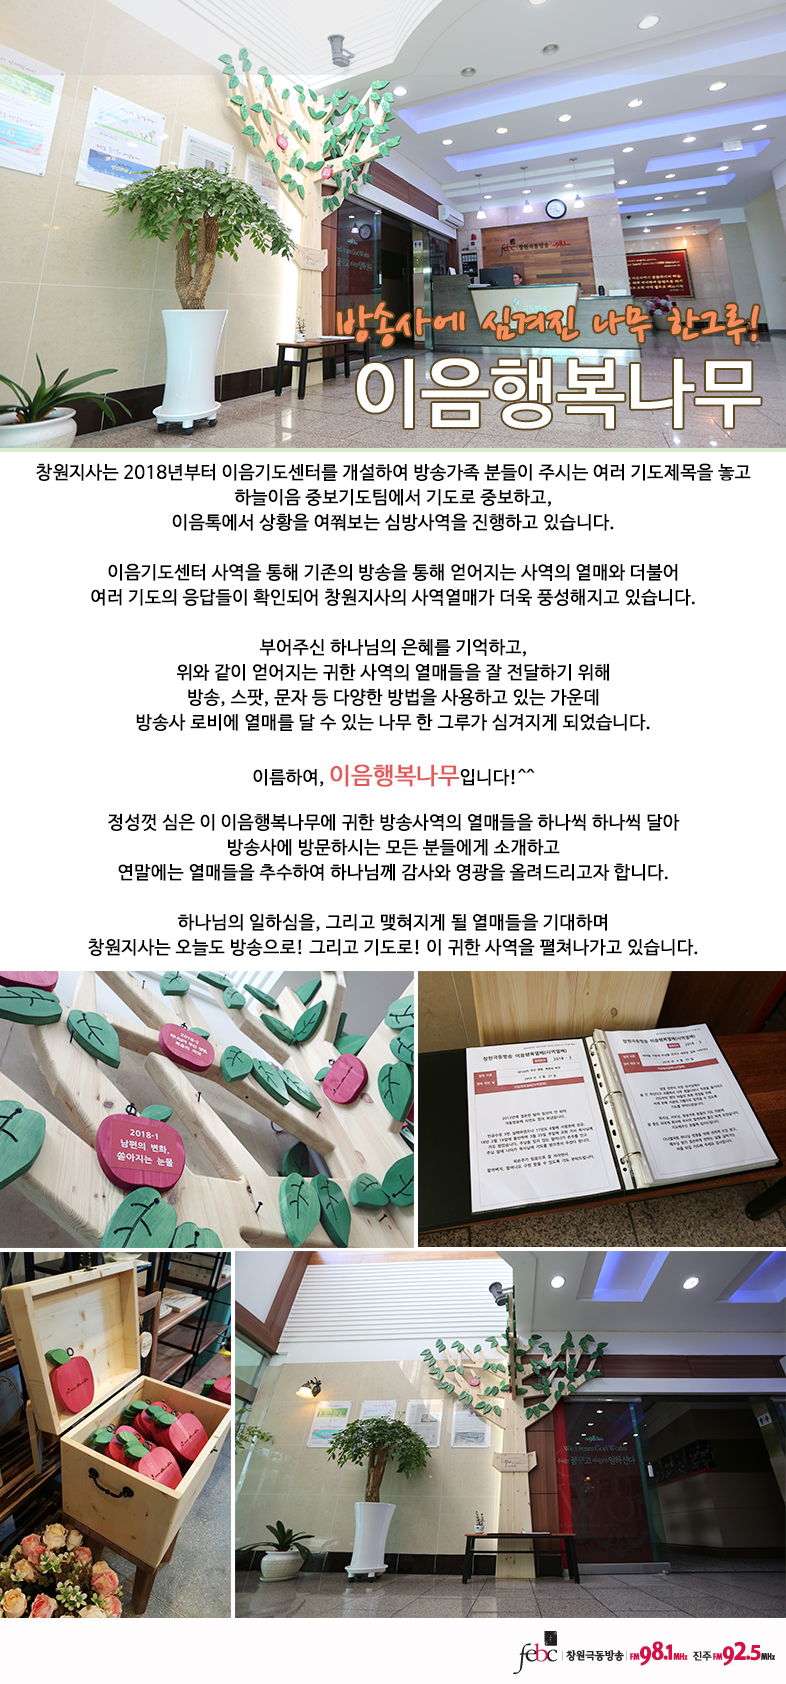 20180503(목) 방송사 로비에 심은 이음행복나무_홈피게시용.jpg